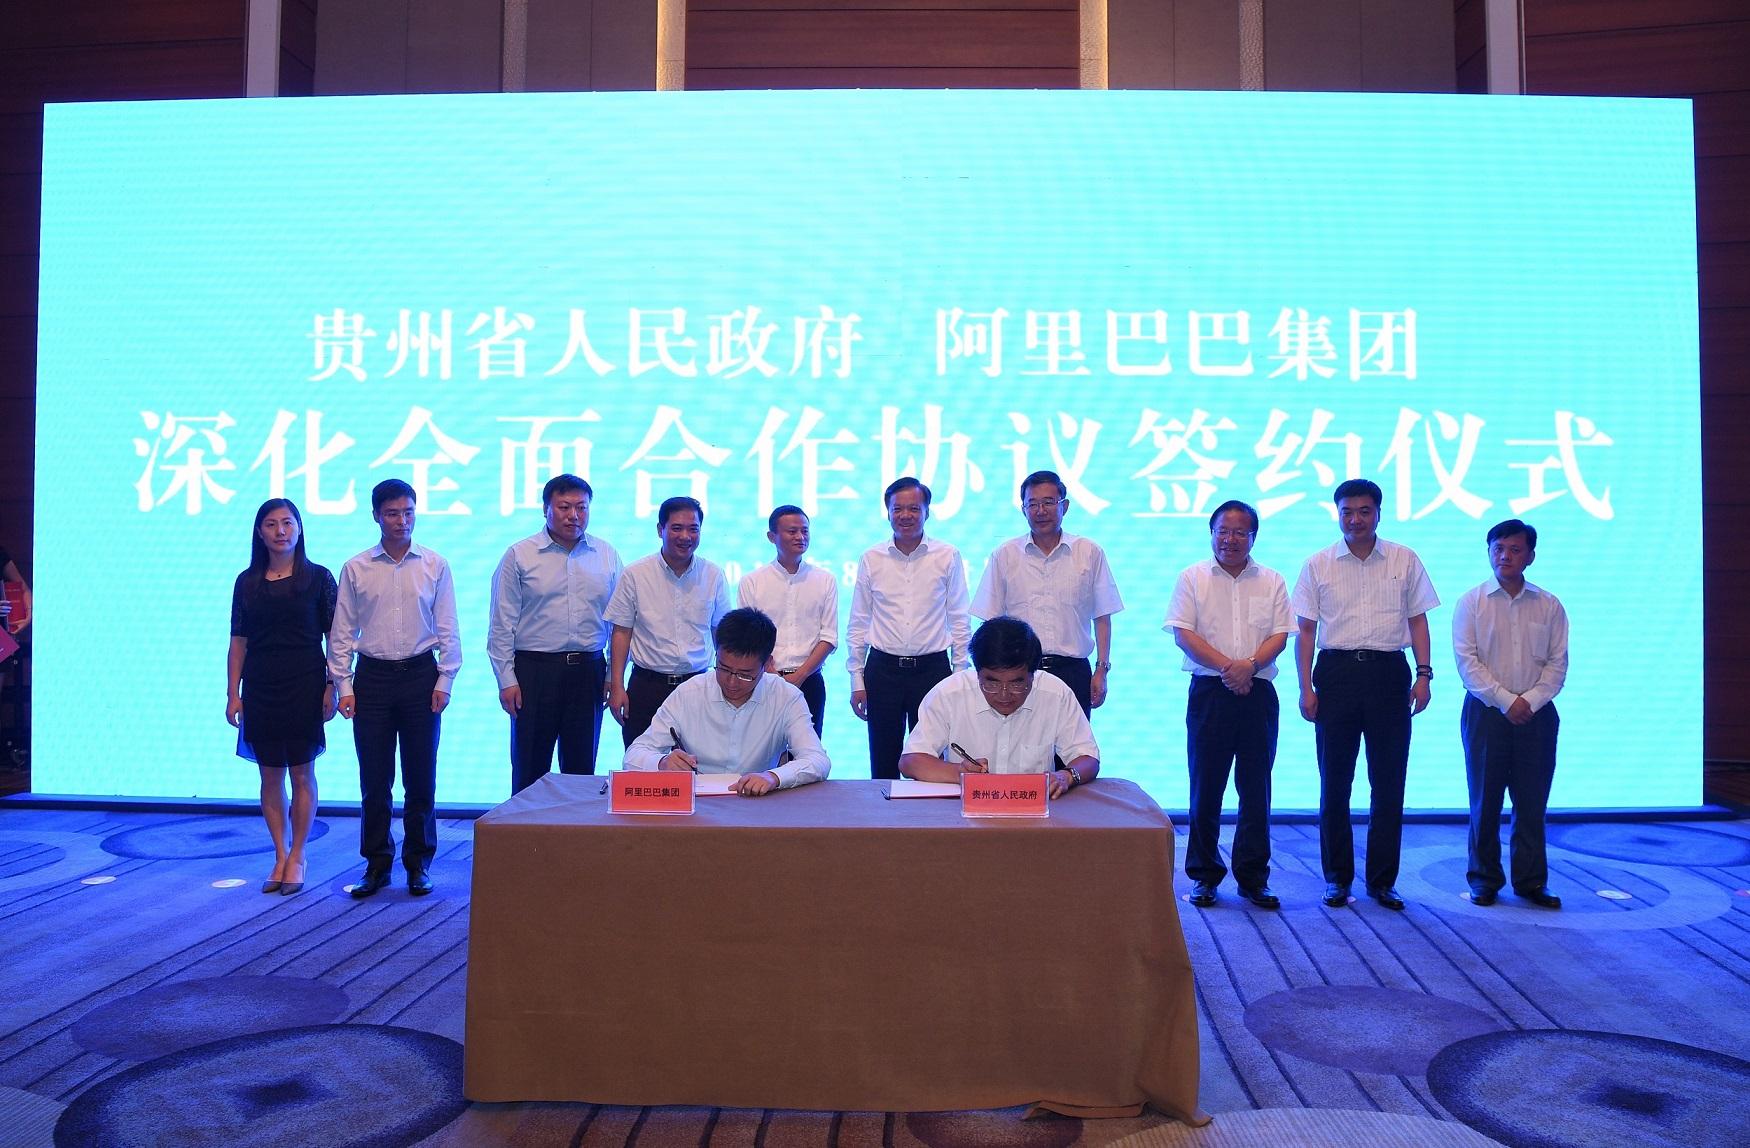 贵州省与阿里巴巴集团签署深化全面合作协议